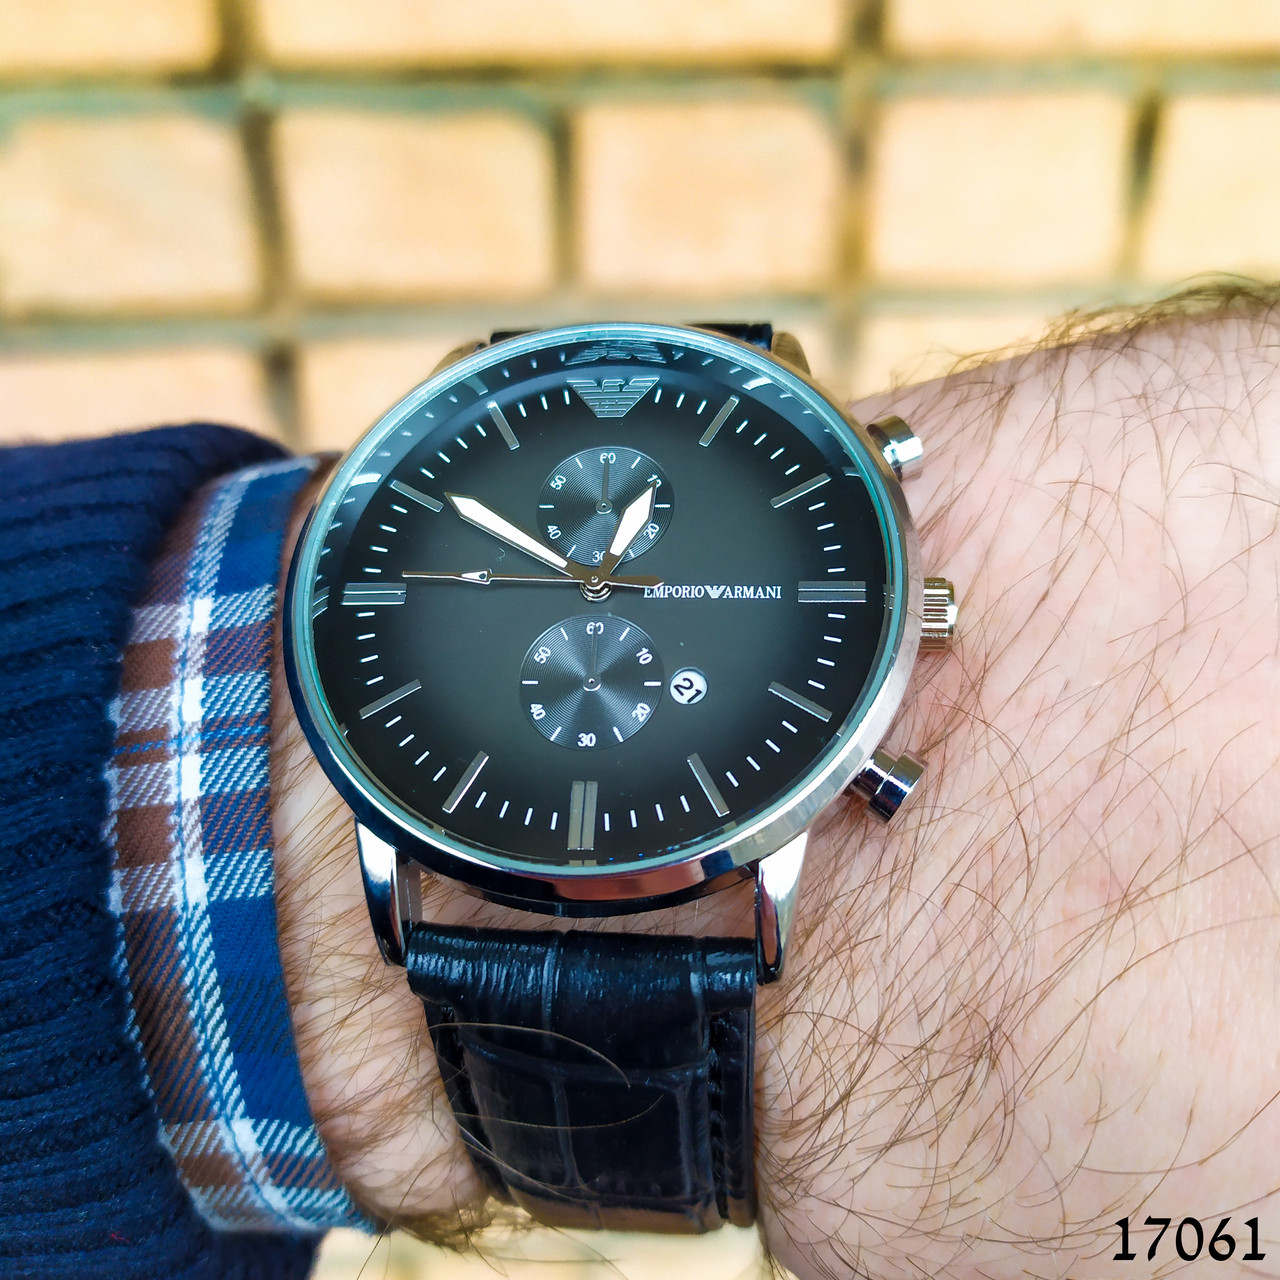 Часы мужские в стиле Armani. Мужские наручные часы серебристые. Часы с черным циферблатом Годинник чоловічий